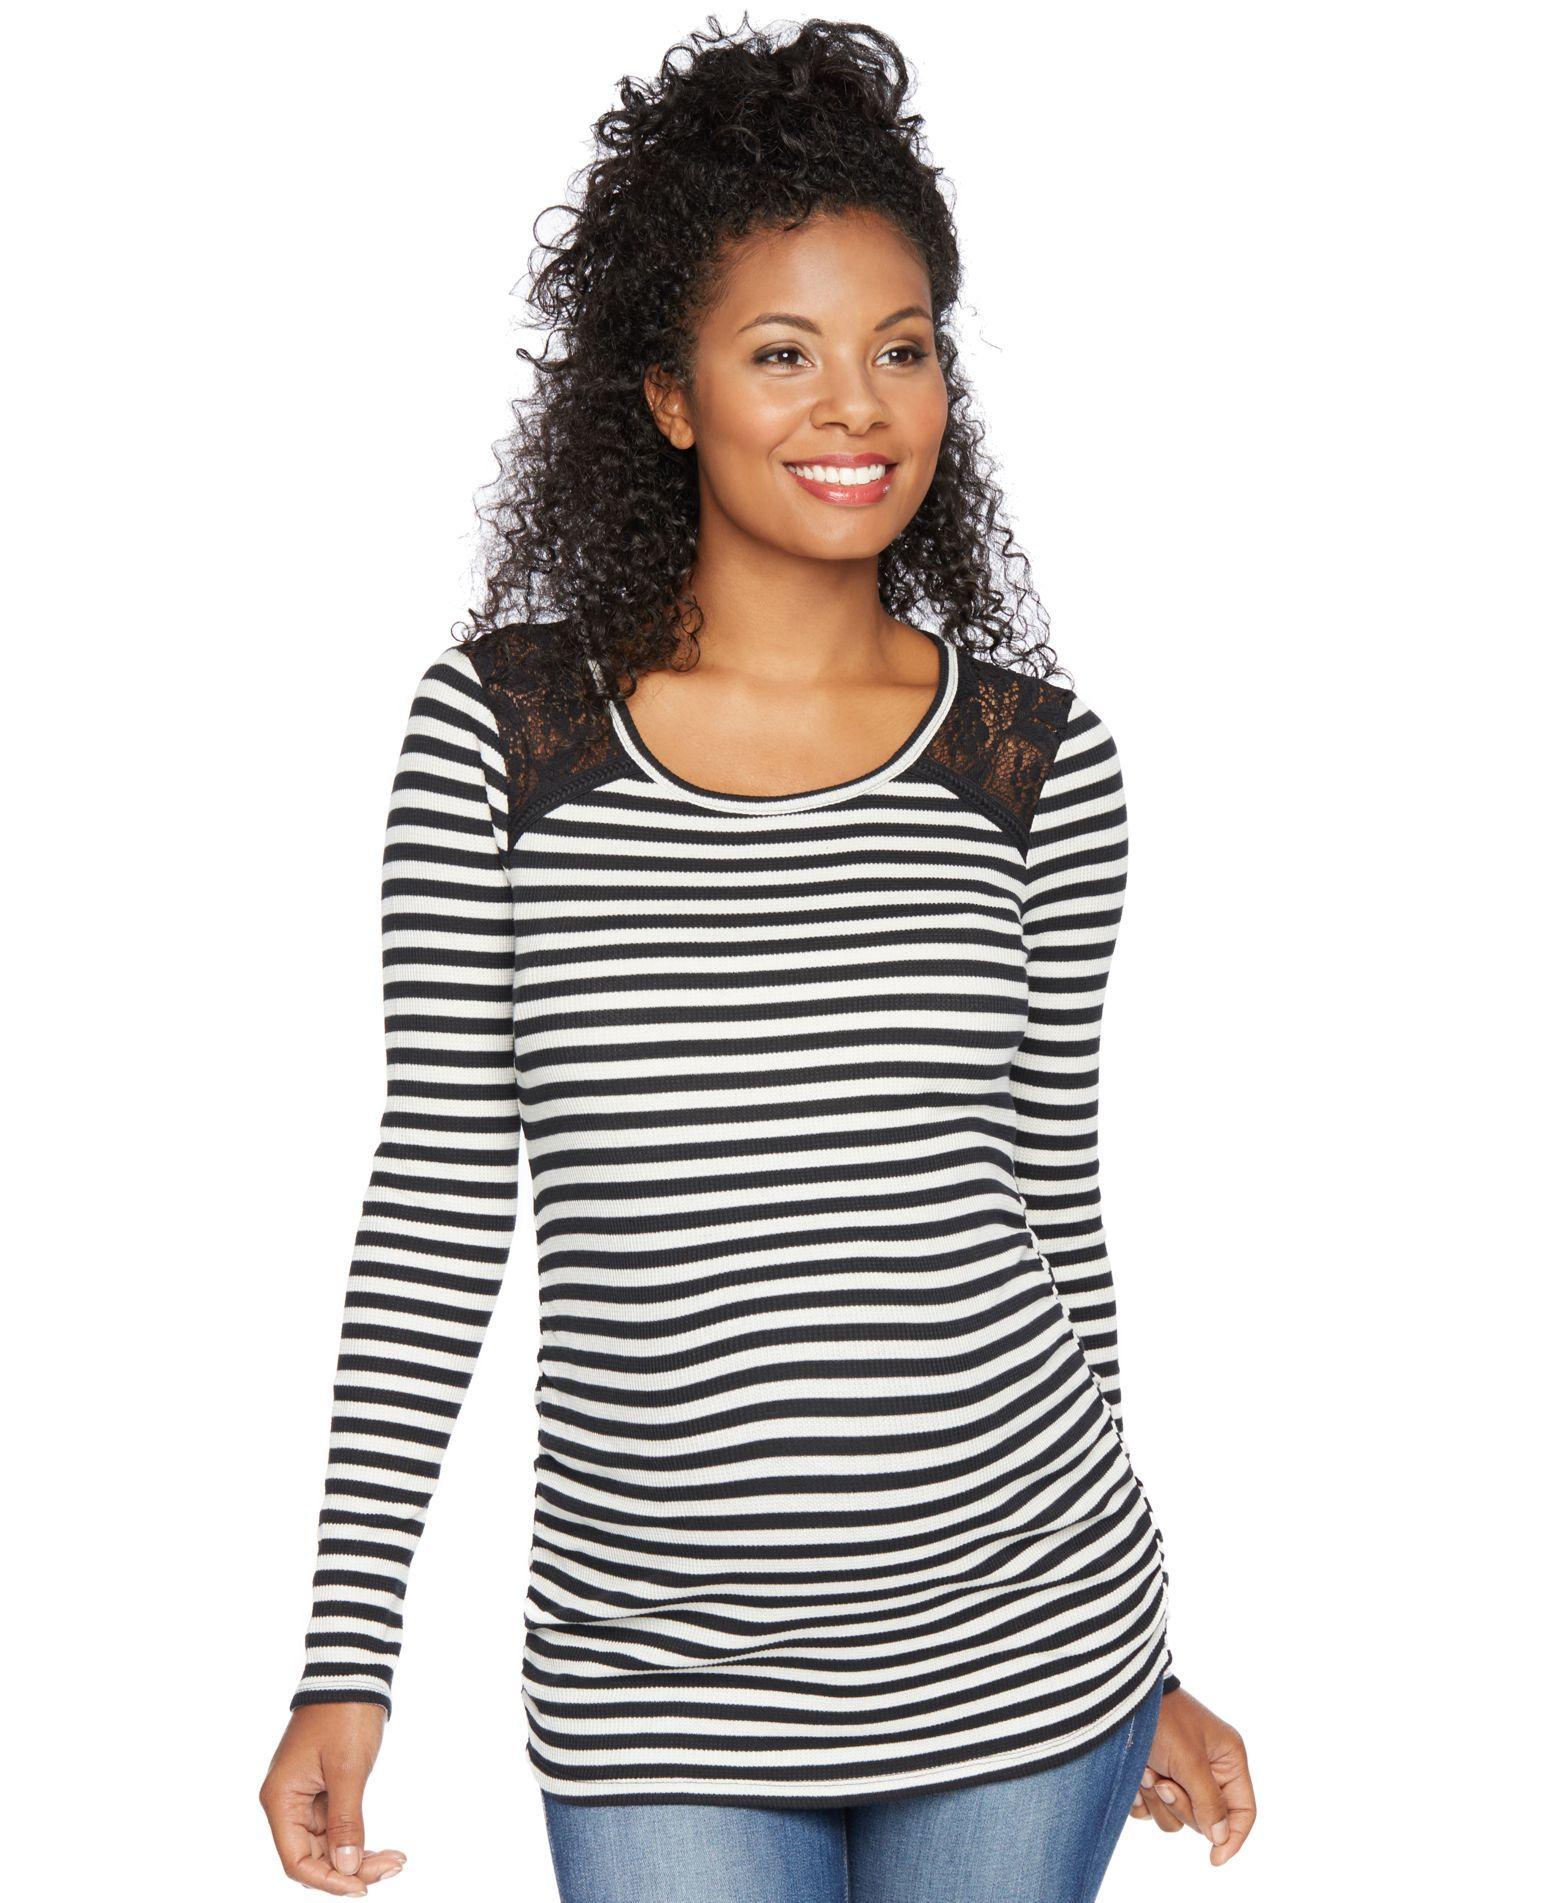 b013940c0b4c2 Motherhood Maternity Striped Lace-Paneled Shirt | Products ...